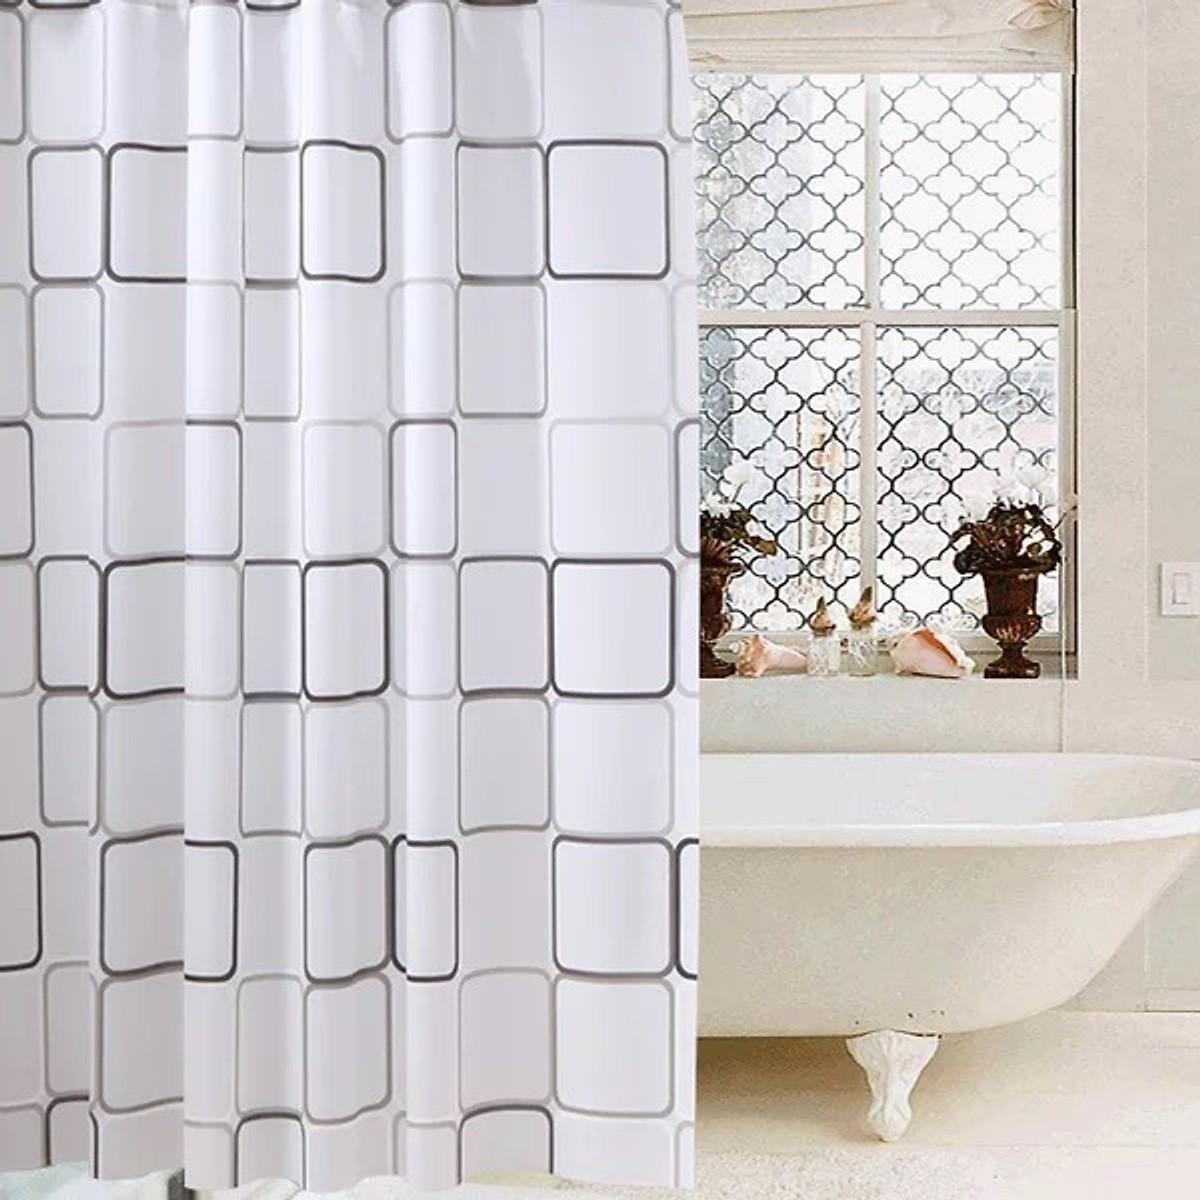 Rèm Phòng Tắm / Rèm Cửa Sổ Trắng Ô Vuông Đen lớn 180cm X 180cm Loại 1